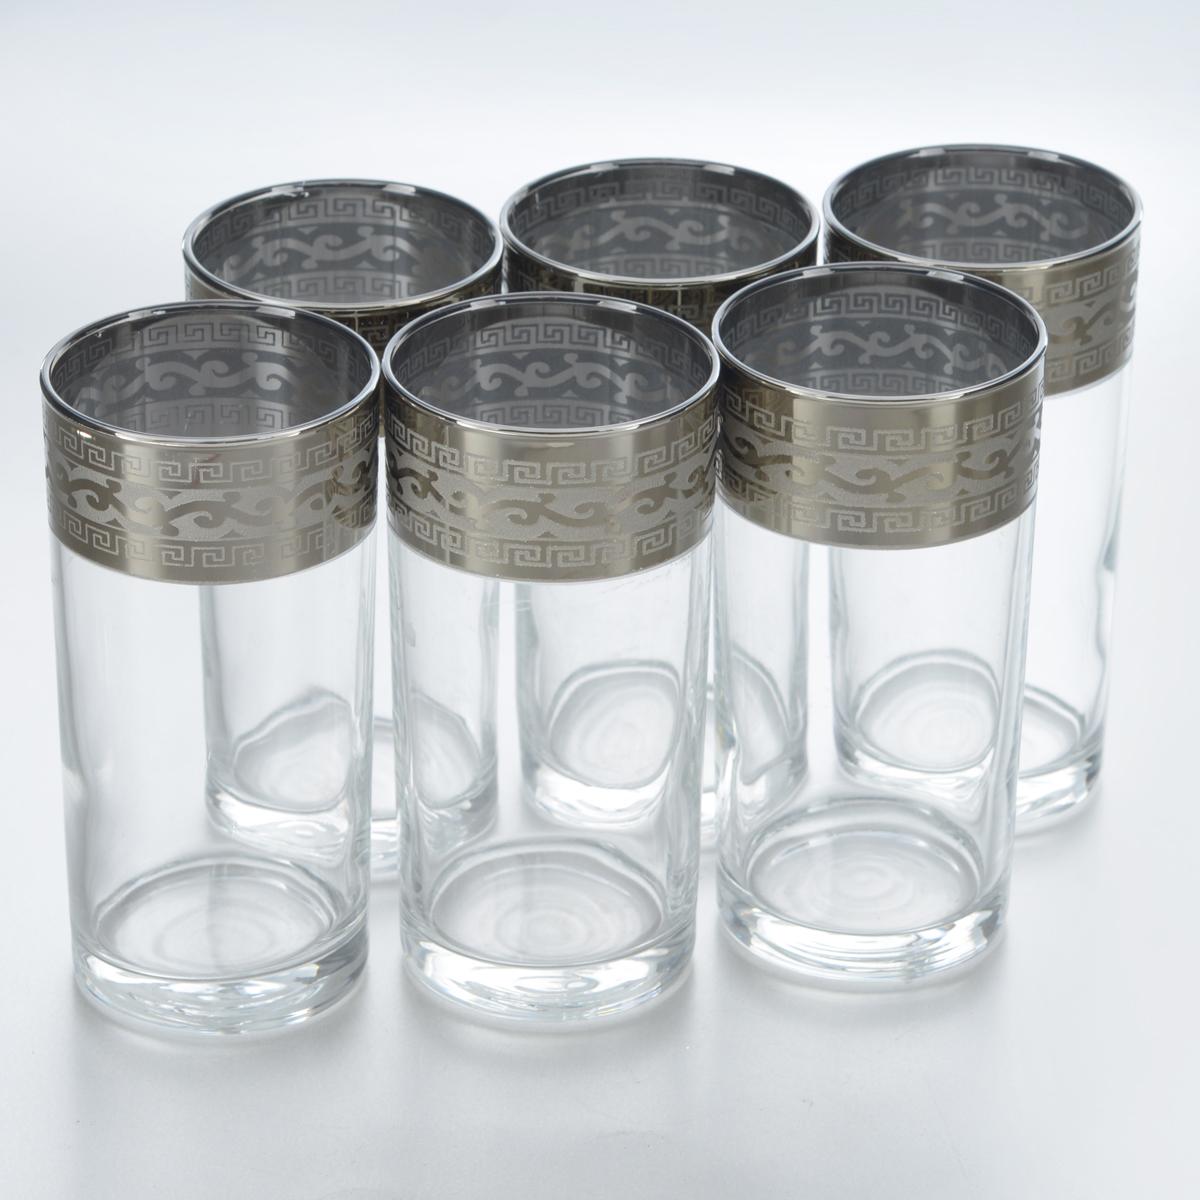 Набор стаканов для коктейлей Гусь-Хрустальный Версаче, 290 мл, 6 штGE08-402Набор Гусь-Хрустальный Версаче состоит из 6 высоких стаканов, изготовленных из высококачественного натрий-кальций-силикатного стекла. Изделия оформлены красивым зеркальным покрытием и широкой окантовкой с оригинальным узором. Стаканы предназначены для подачи коктейлей, а также воды и сока. Такой набор прекрасно дополнит праздничный стол и станет желанным подарком в любом доме. Разрешается мыть в посудомоечной машине. Диаметр стакана (по верхнему краю): 6 см. Высота стакана: 12,8 см.